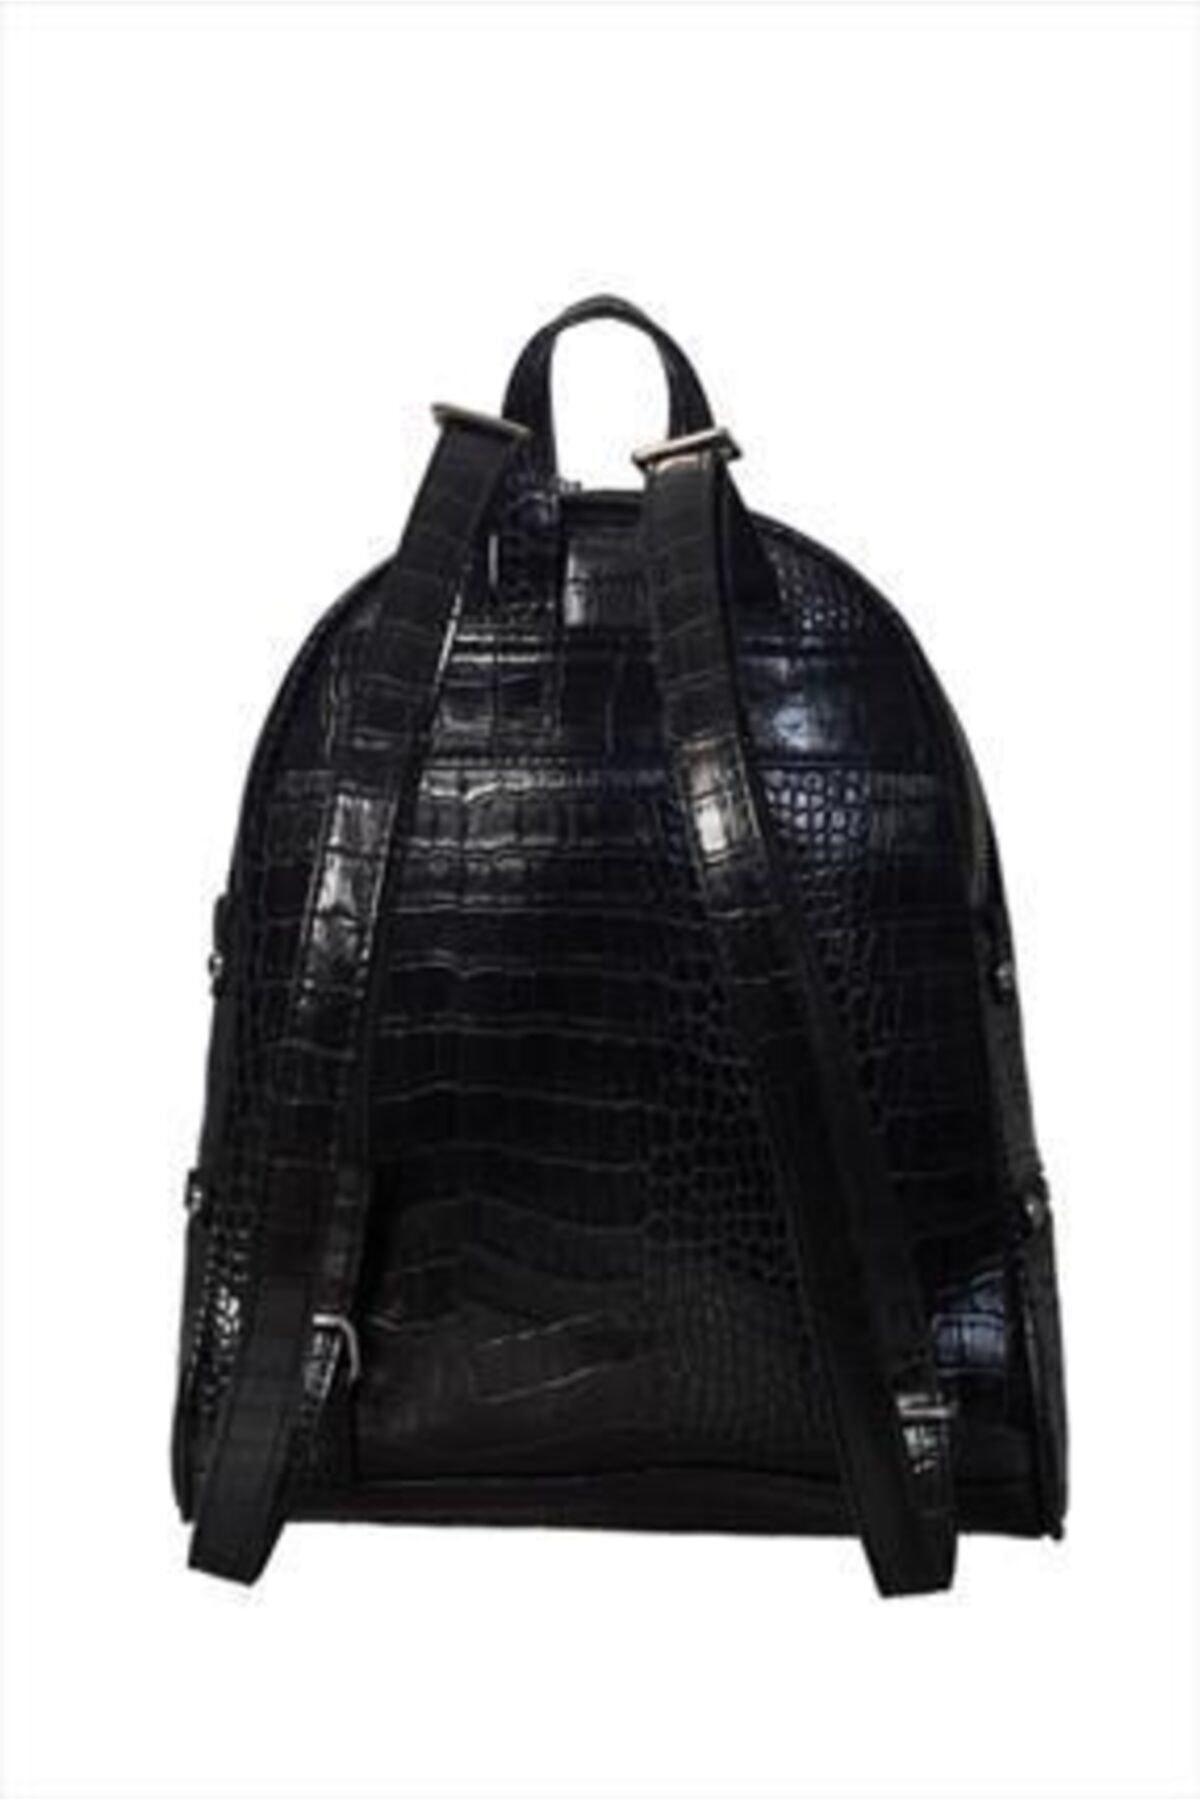 Sergio Giorgianni Luxury Sg1584 Siyah Krk Kadın Sırt Çantası 2